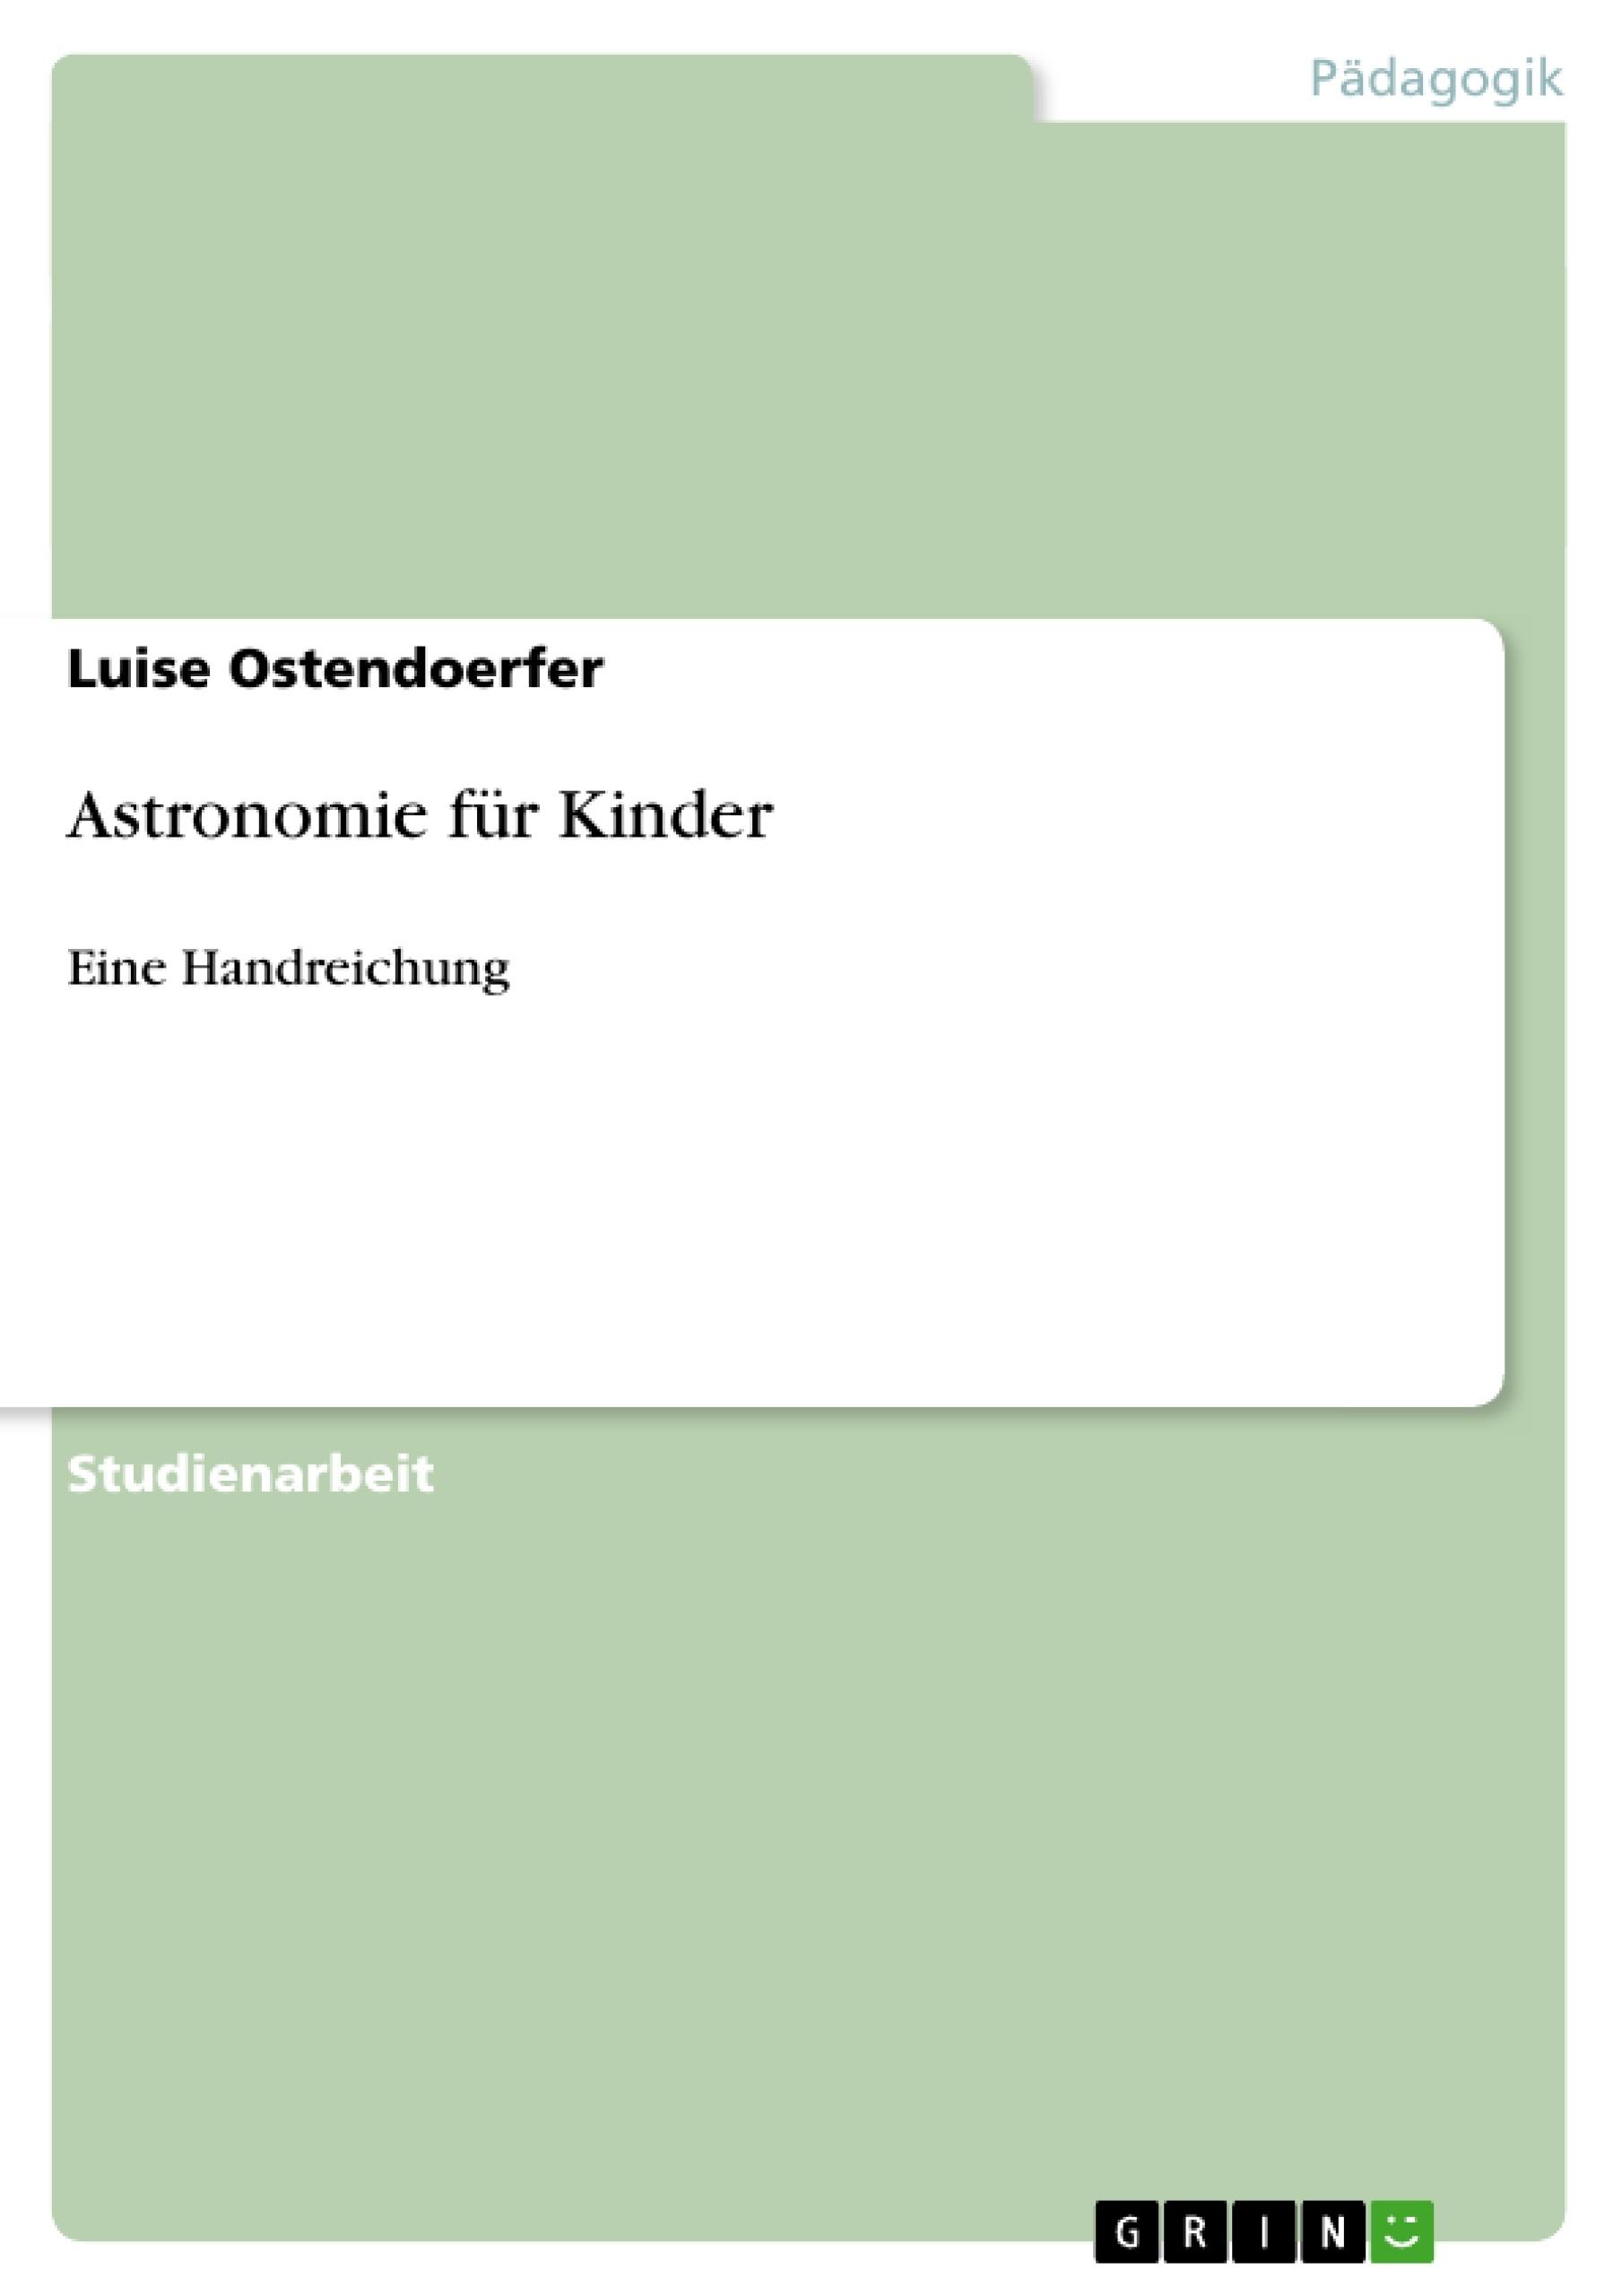 Titel: Astronomie für Kinder